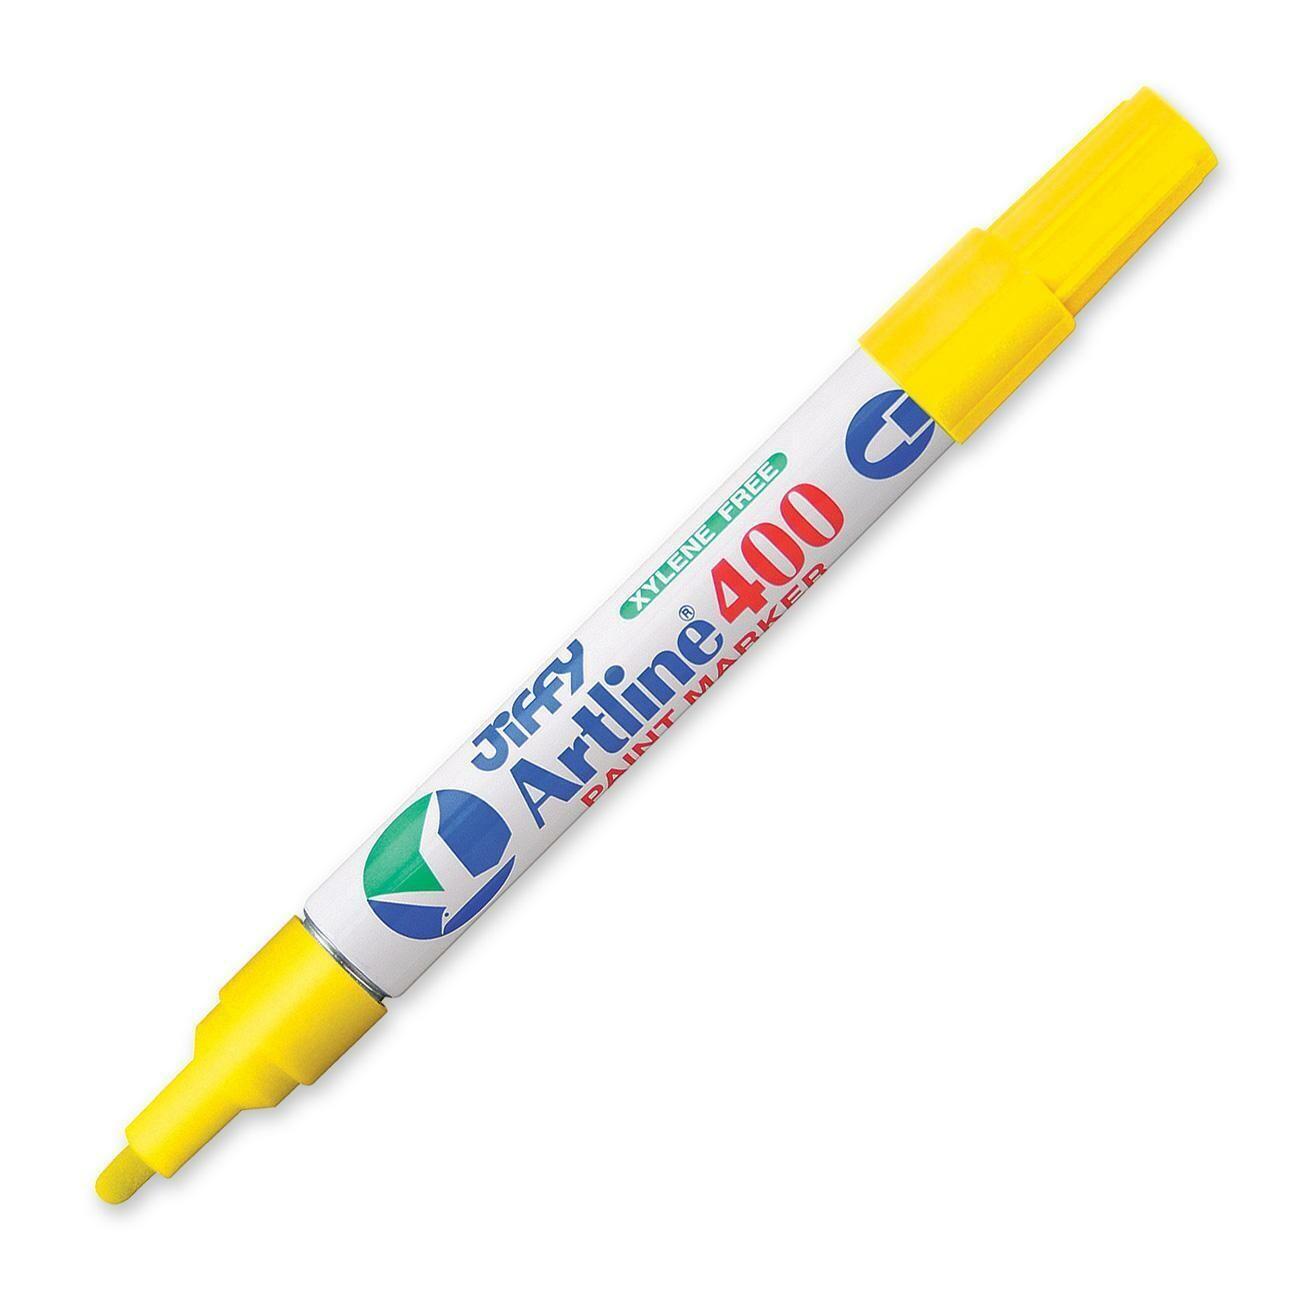 Marker, Jiffy, Paint Yellow, 2.3 Mm, Single